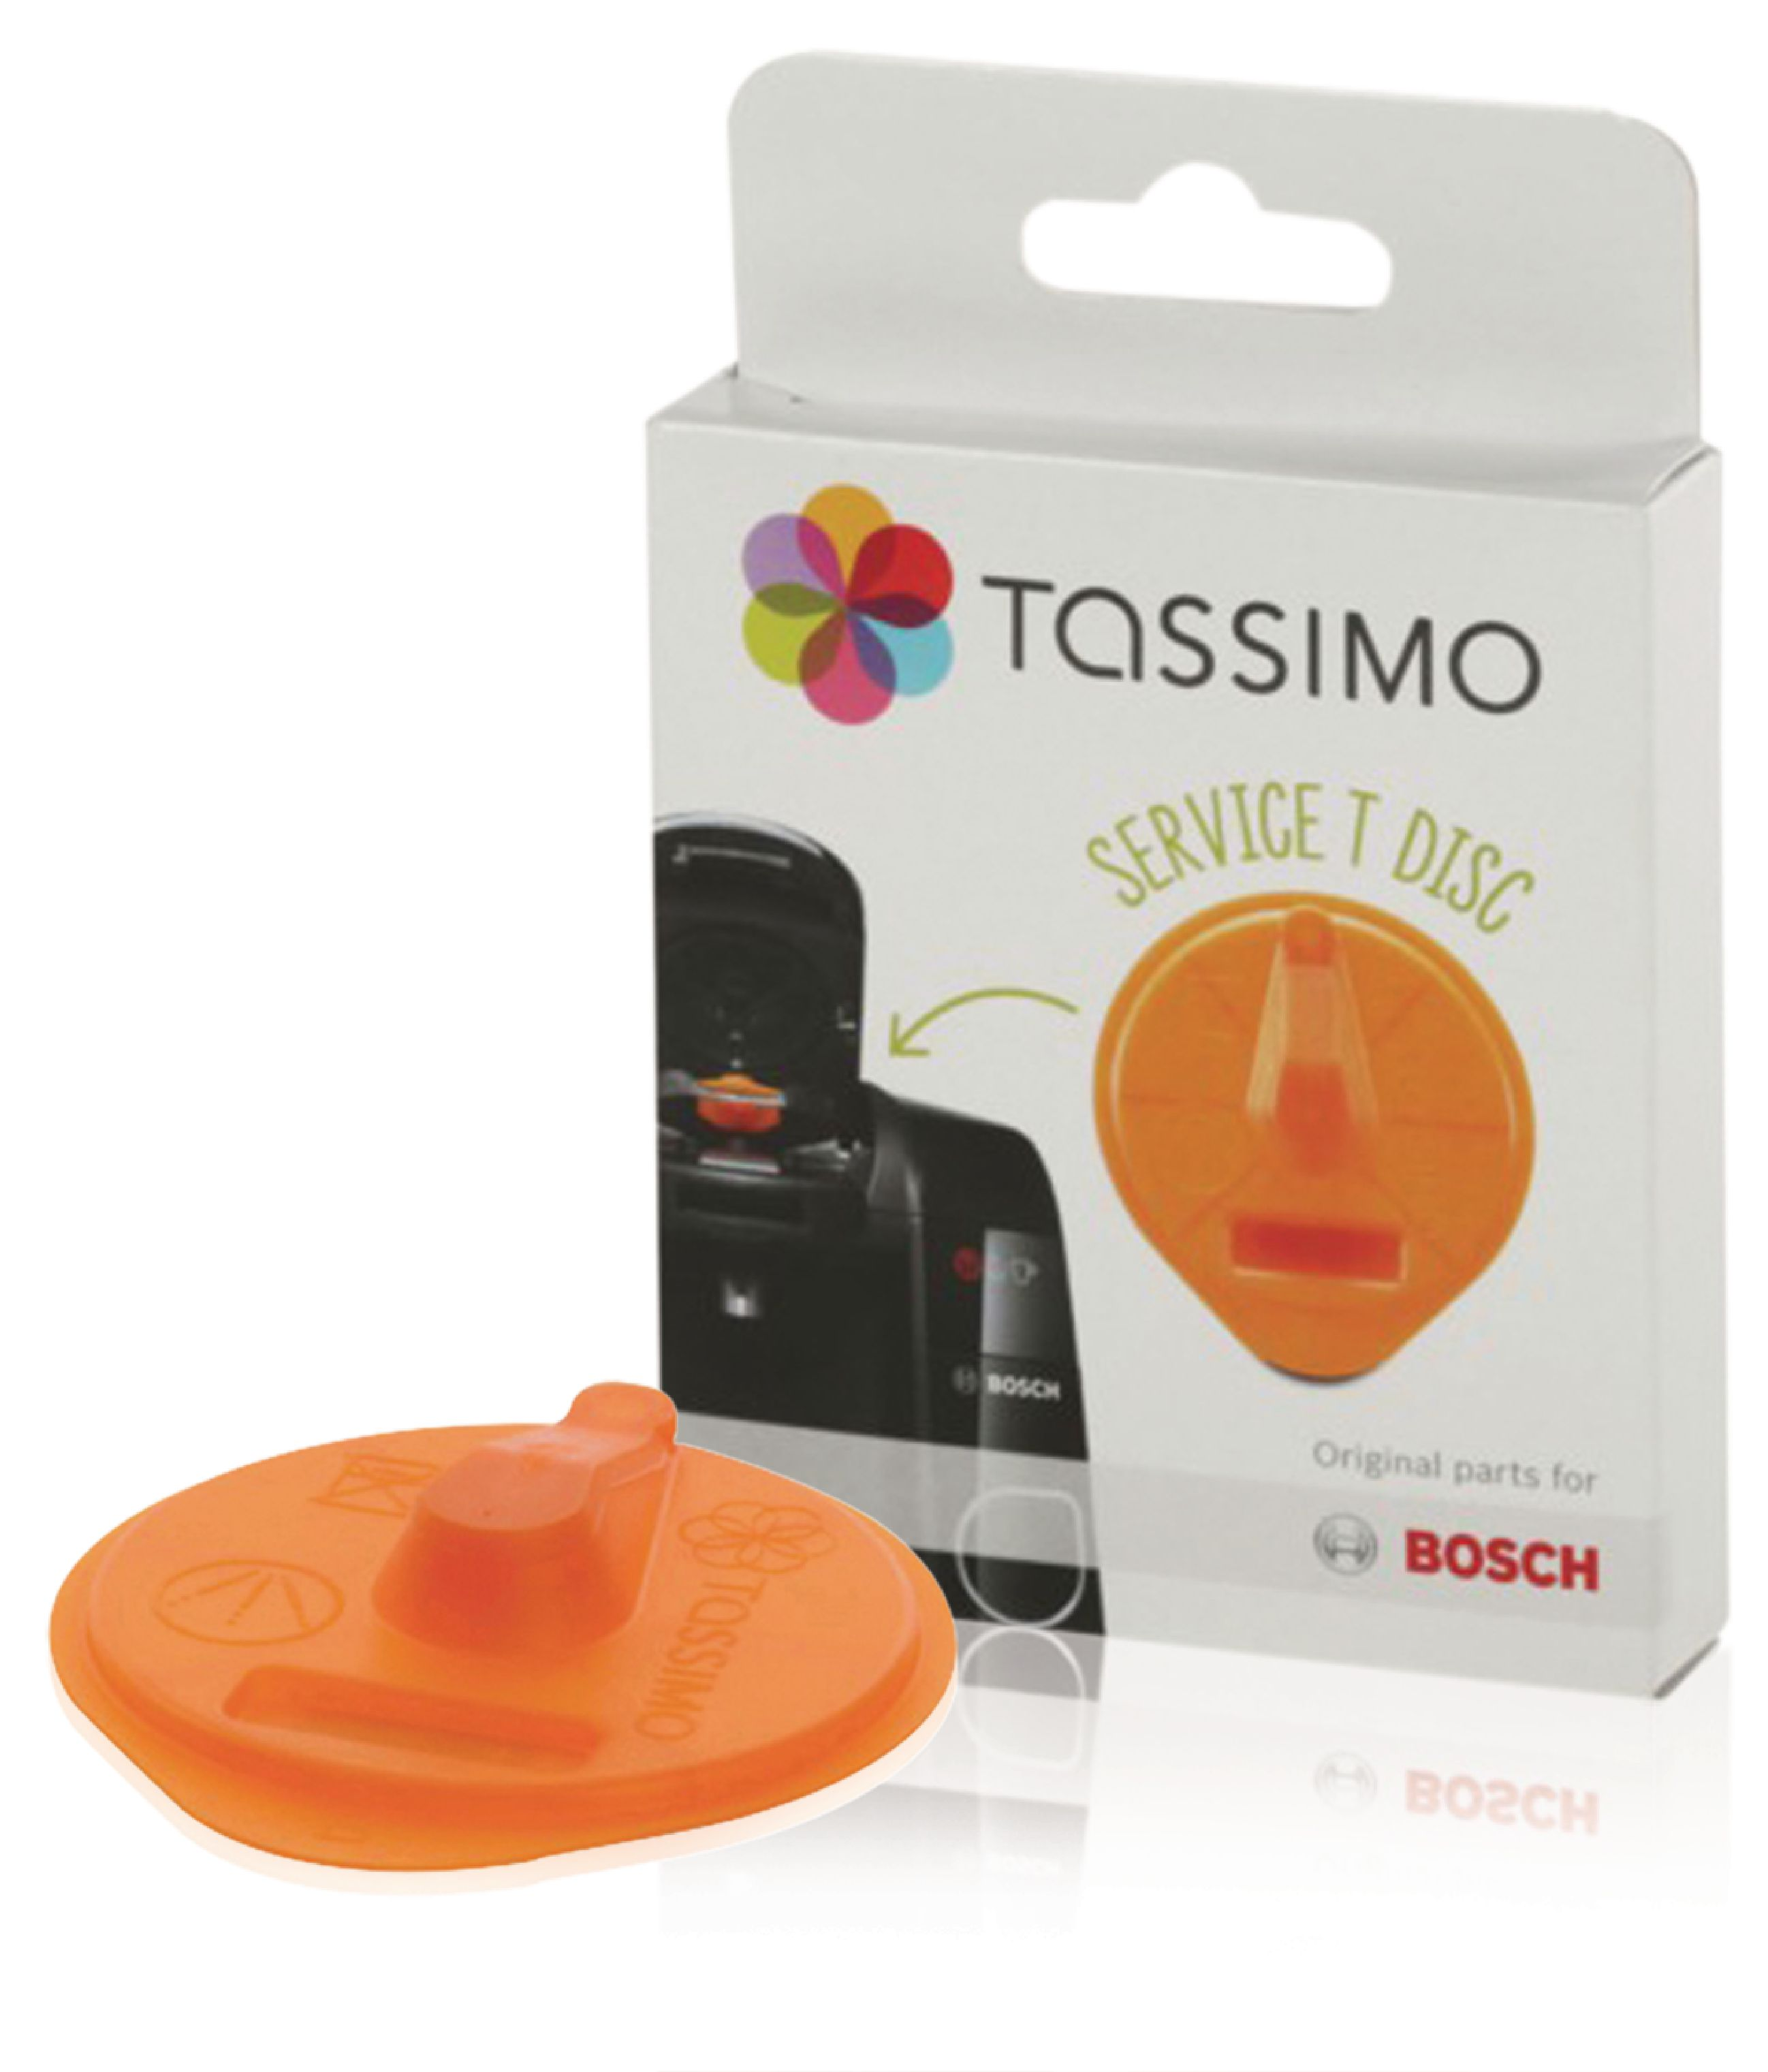 Servisní T-Disk kávovar Tassimo orig. 576837